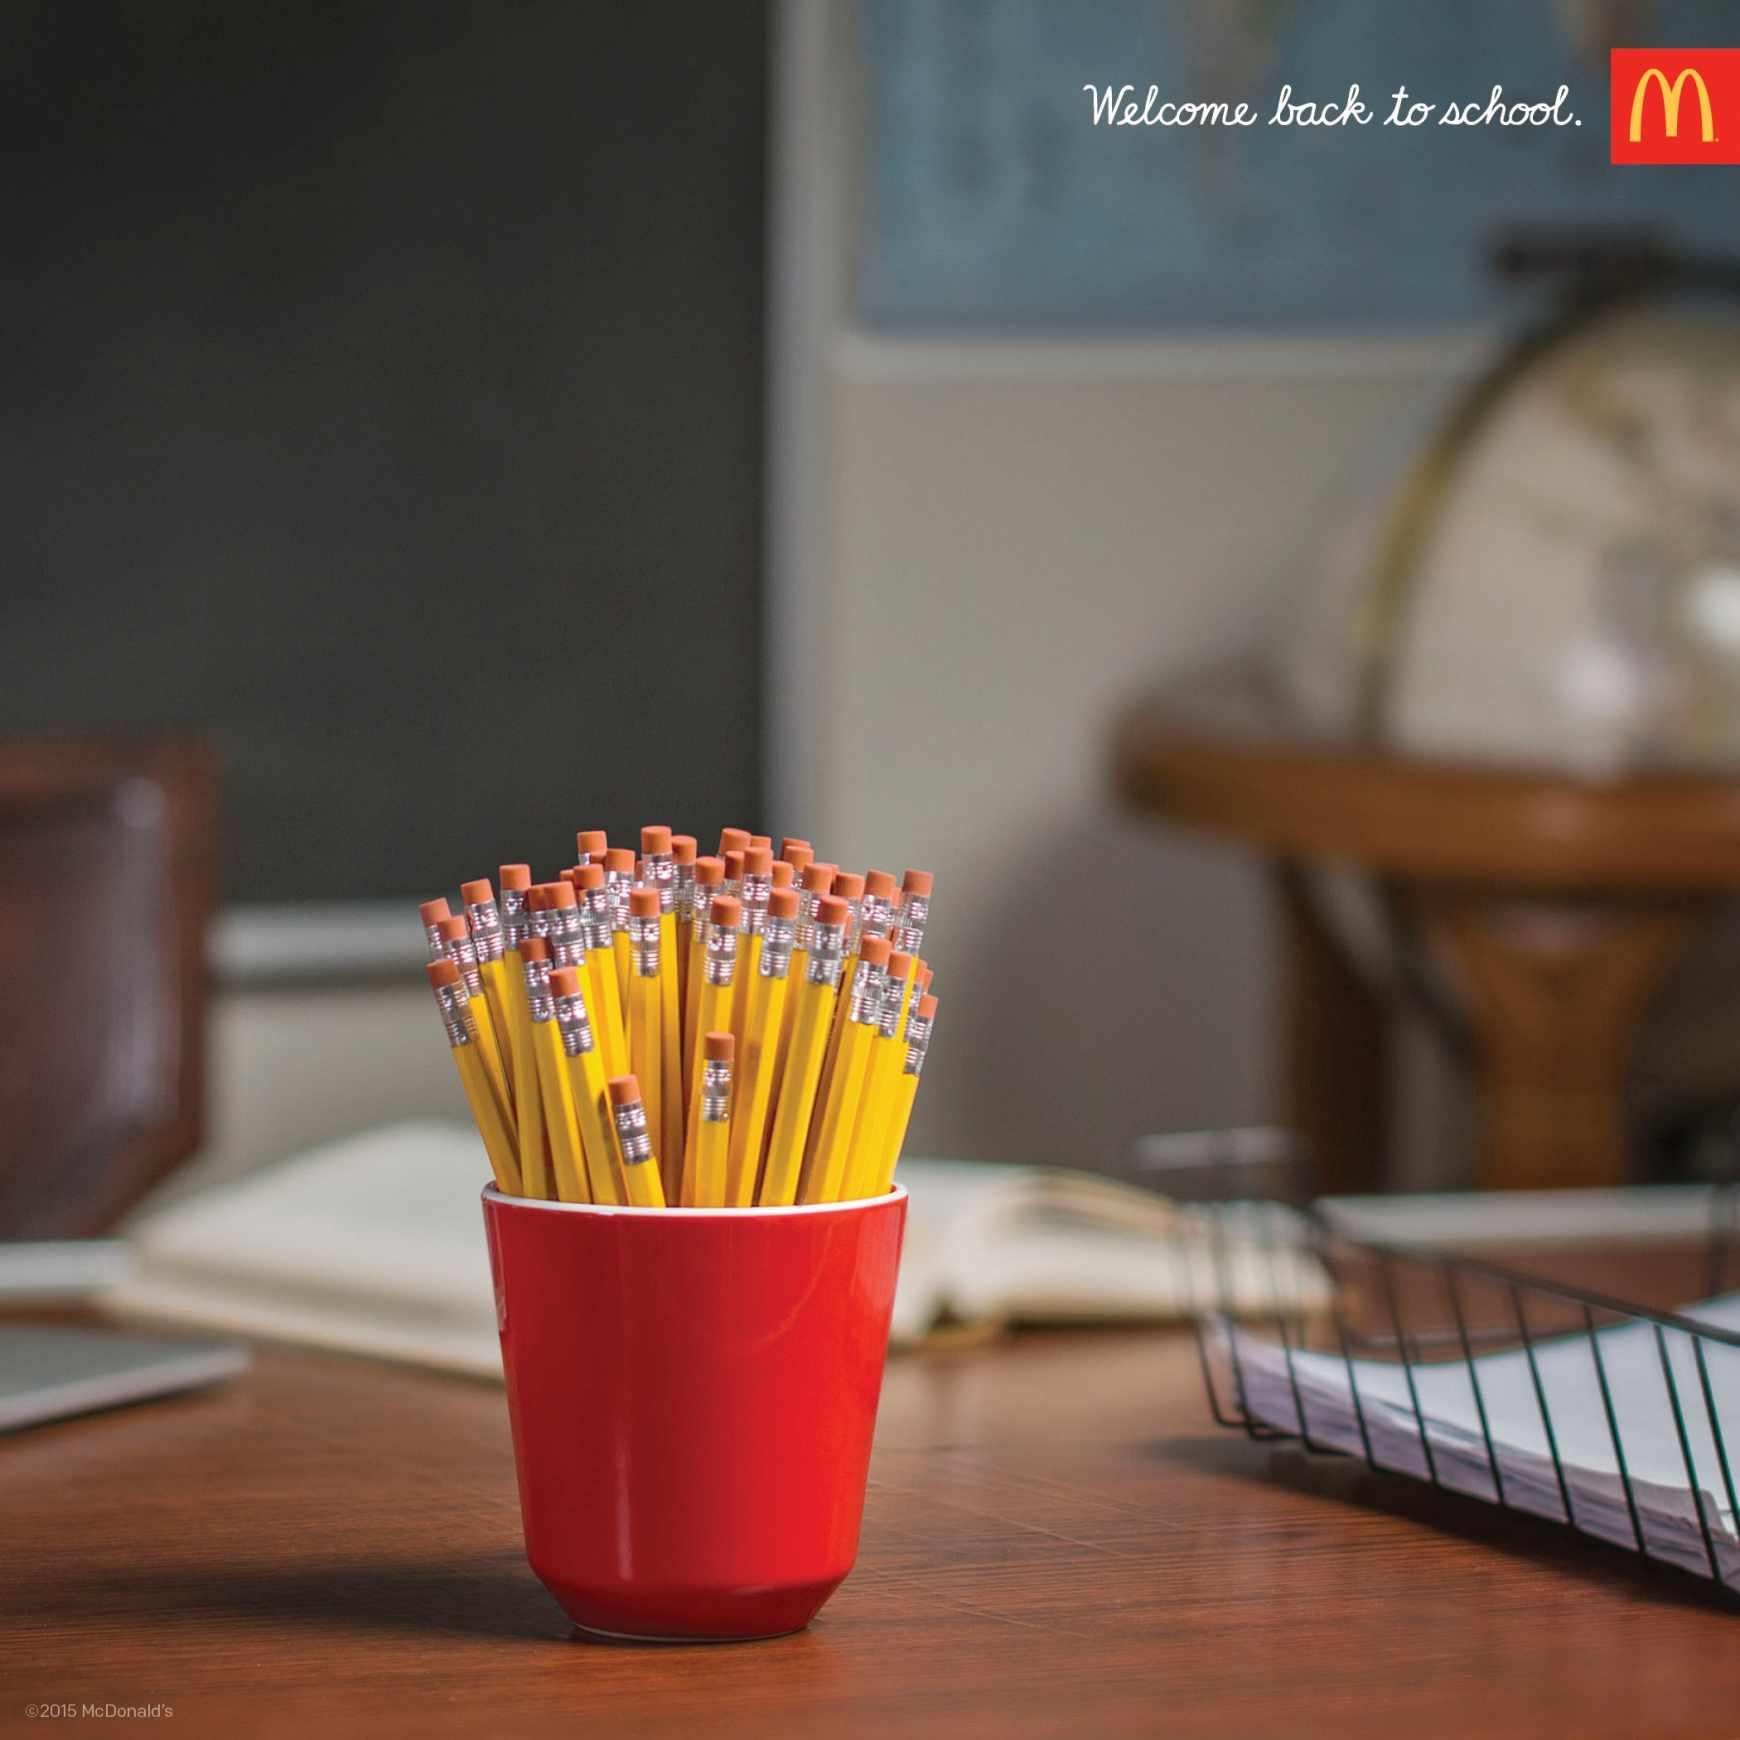 Des frites ? Non un pot de crayon